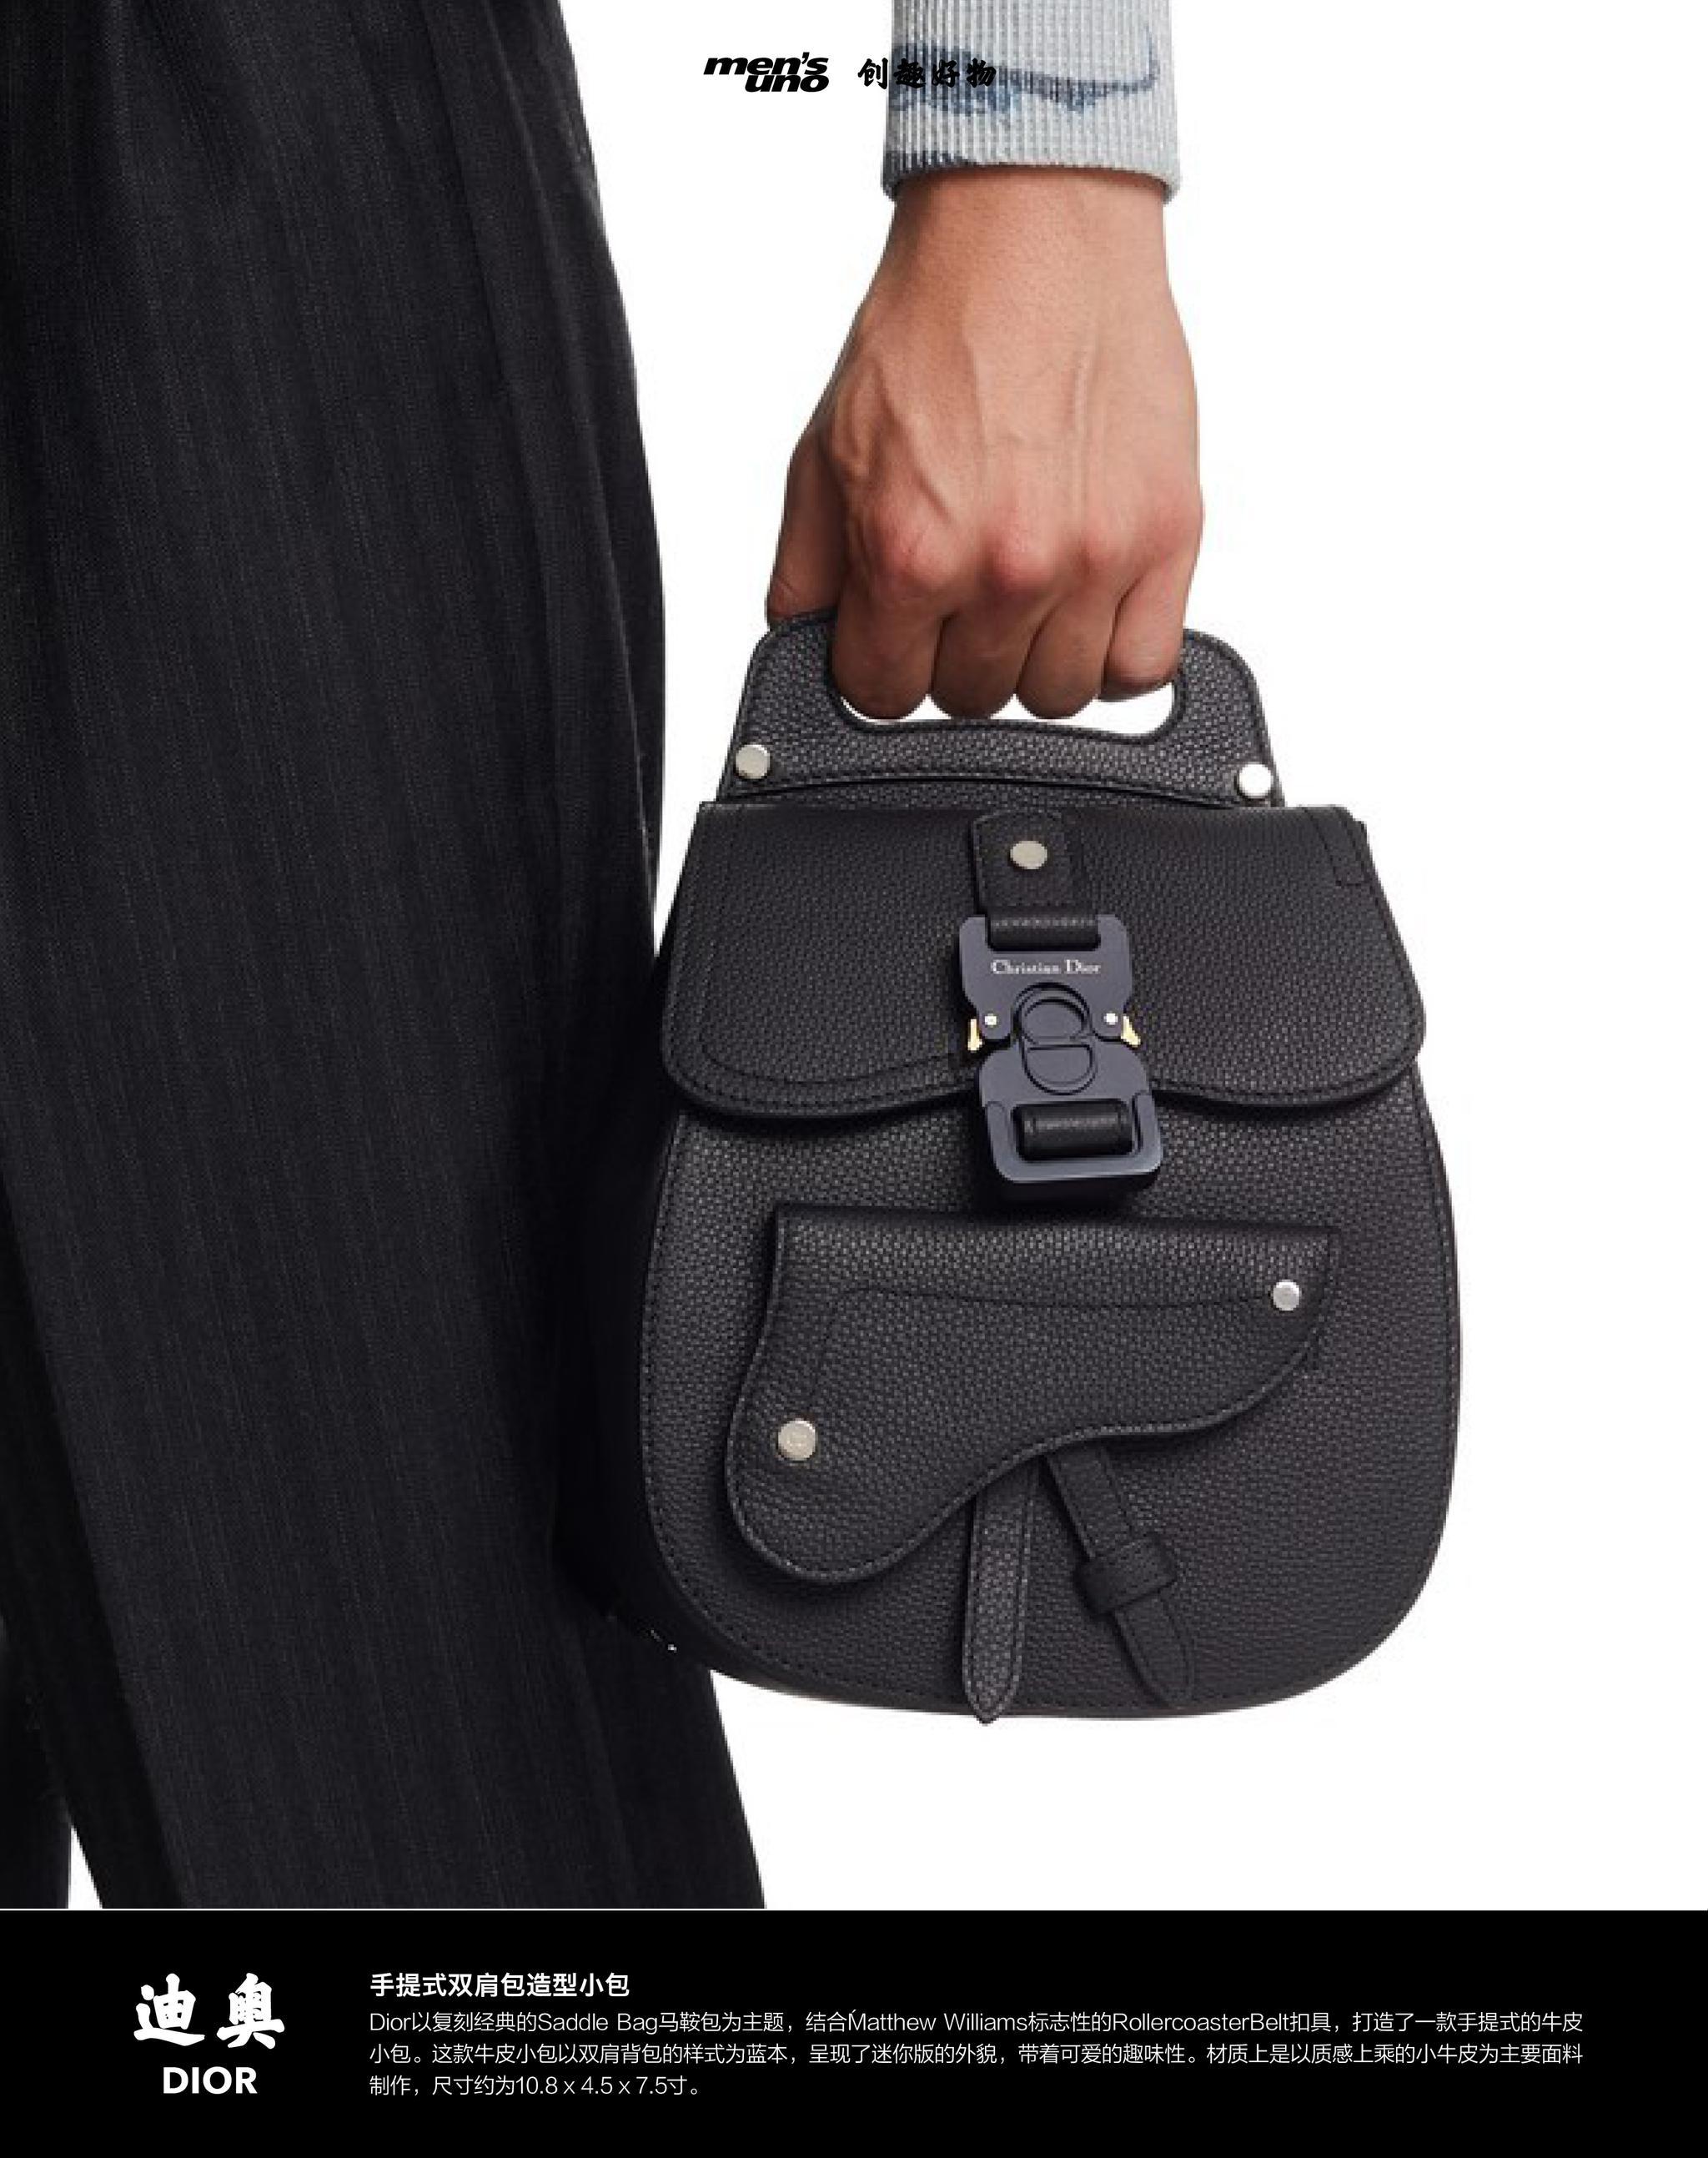 Dior以复刻经典的Saddle Bag马鞍包为主题……